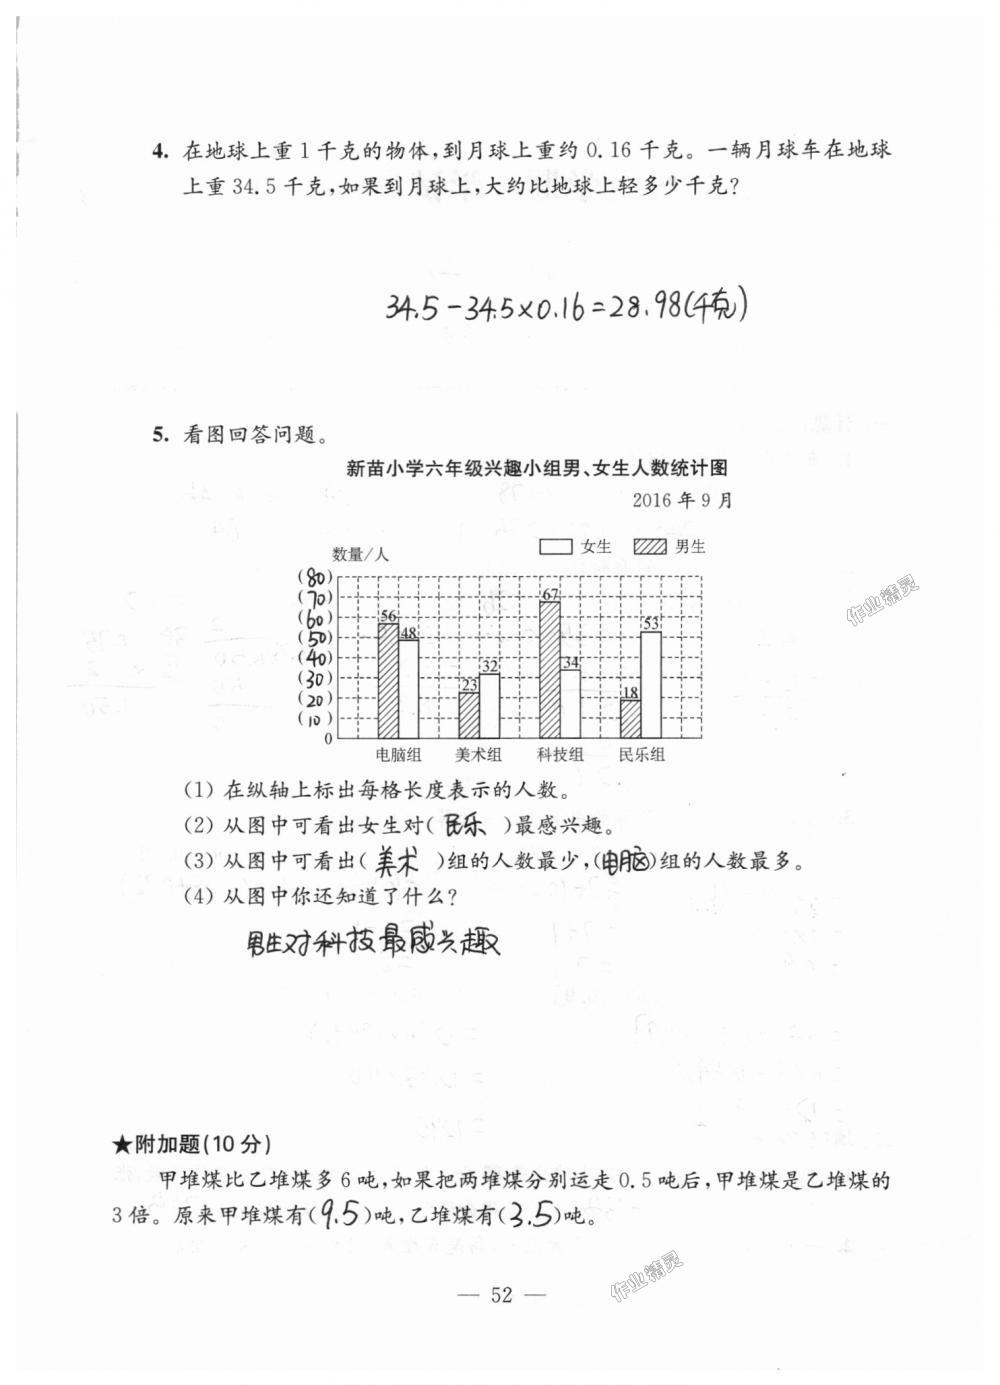 2018年练习与测试检测卷五年级数学上册苏教版第52页